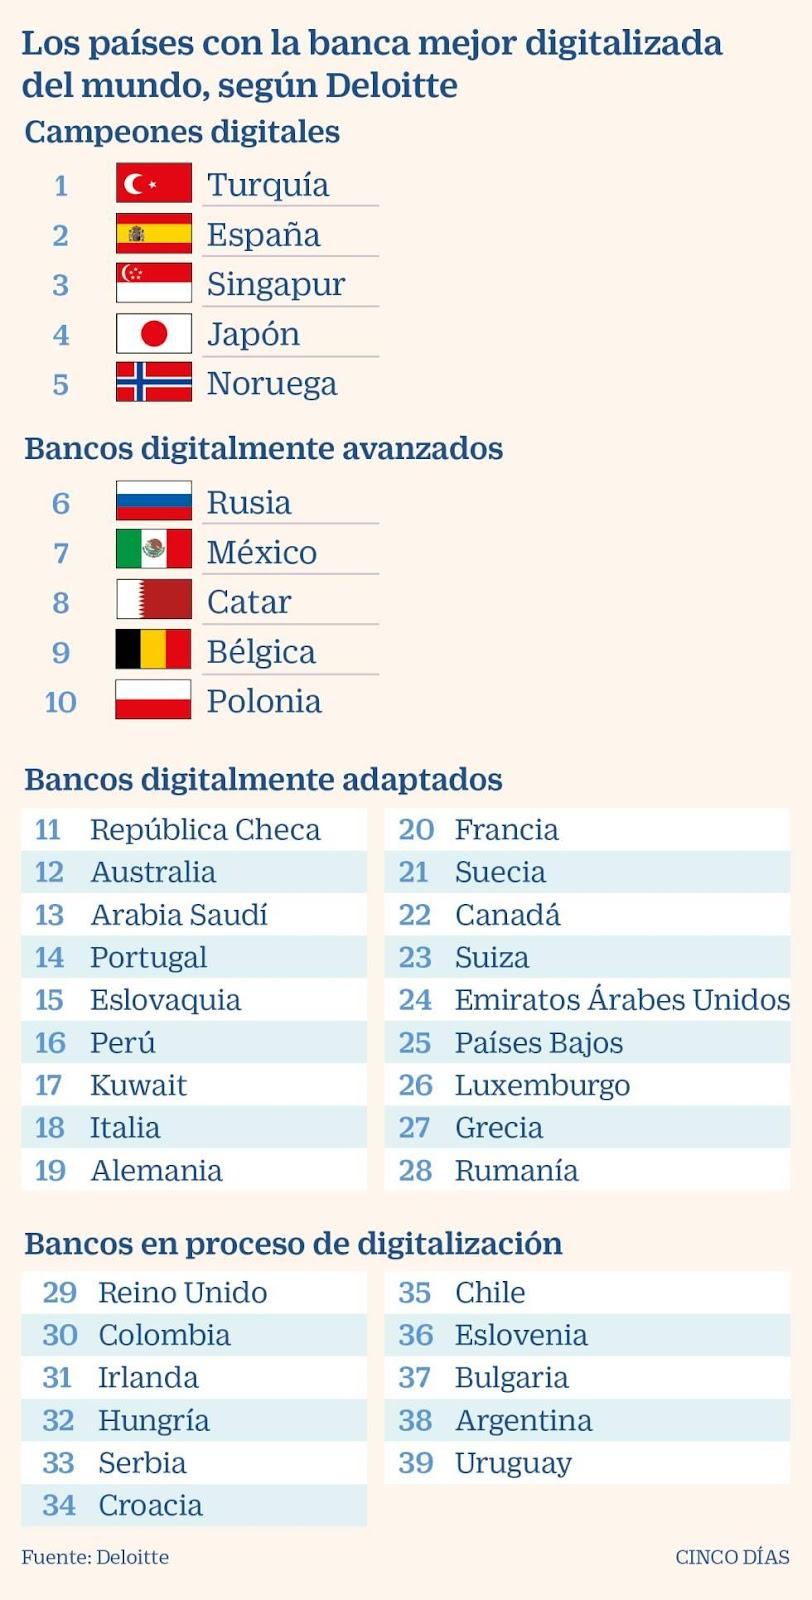 La banca española, la segunda mejor digitalizada del mundo